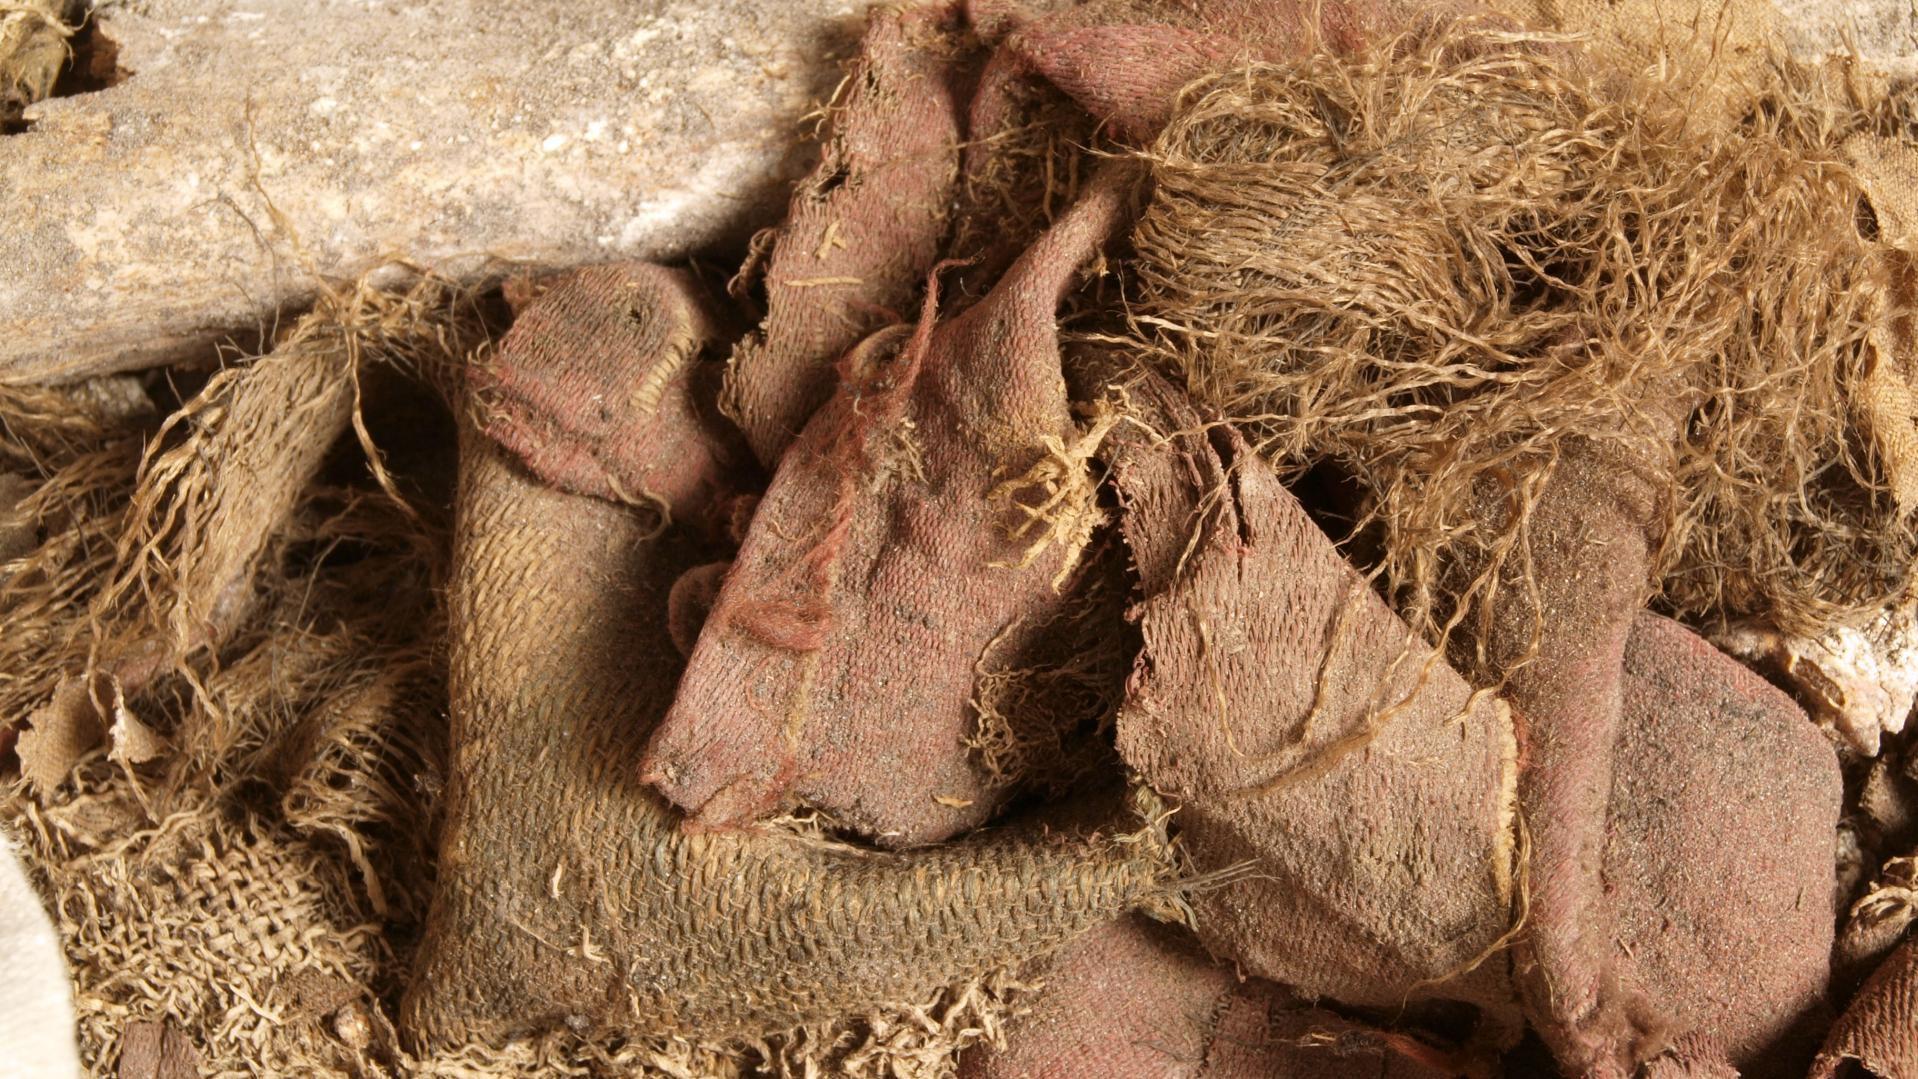 Fragmente der verschiedenen, aus dem Bleisarg geborgenen Texilien, zumeist aus Seide. © Landesamt für Denkmalpflege und Archäologie Sachsen-Anhalt, Heiko Breuer.